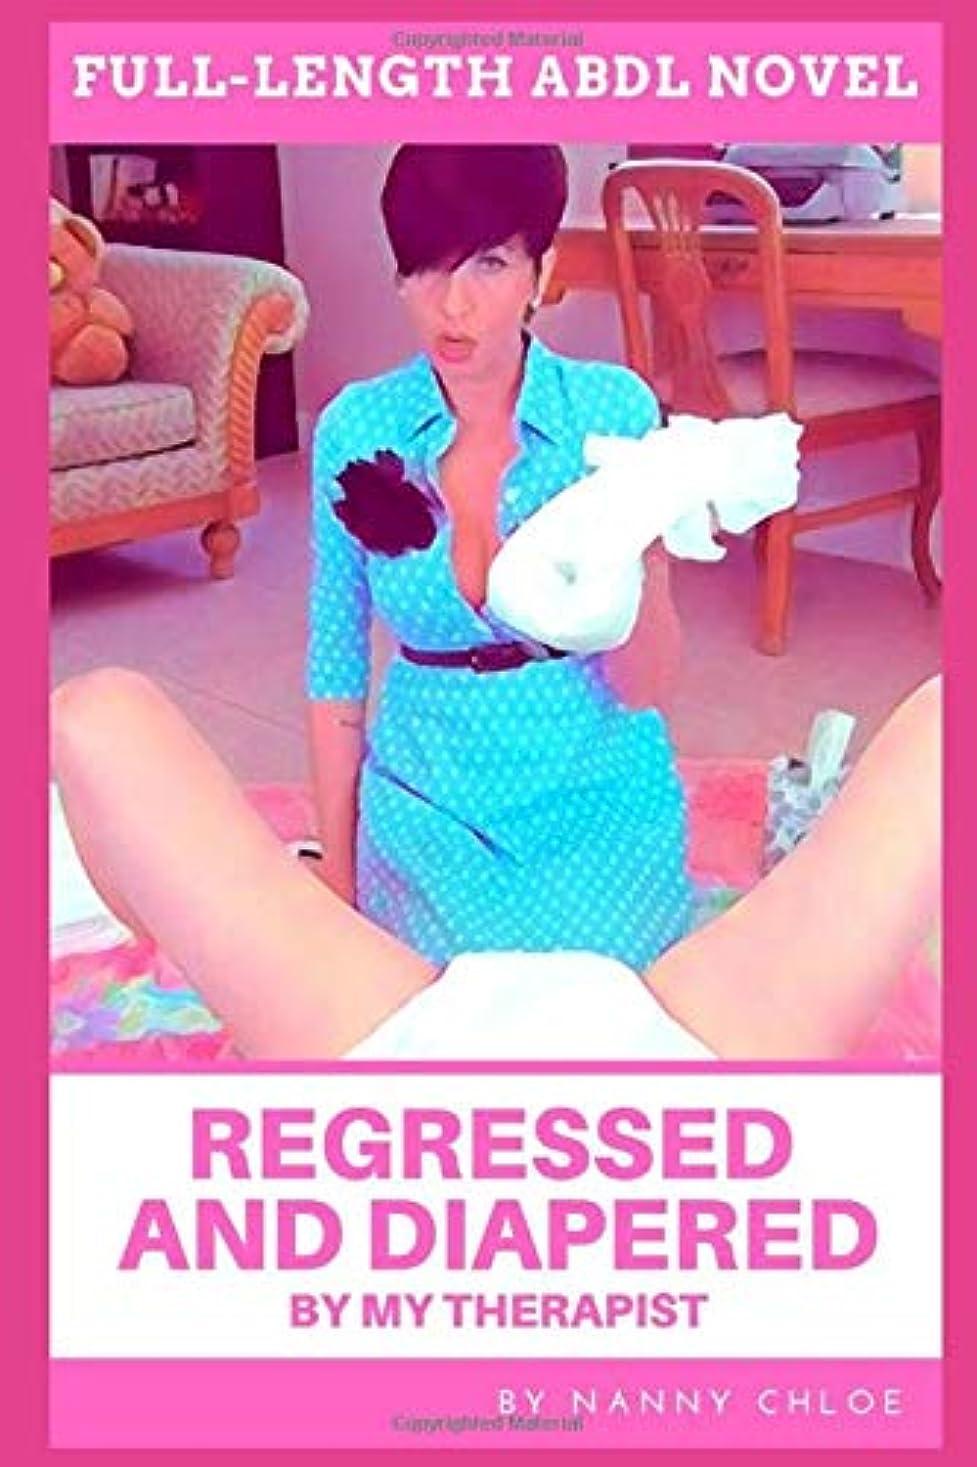 ショルダーモールス信号白菜Regressed and Diapered by My Therapist (Full-Length ABDL Novel)